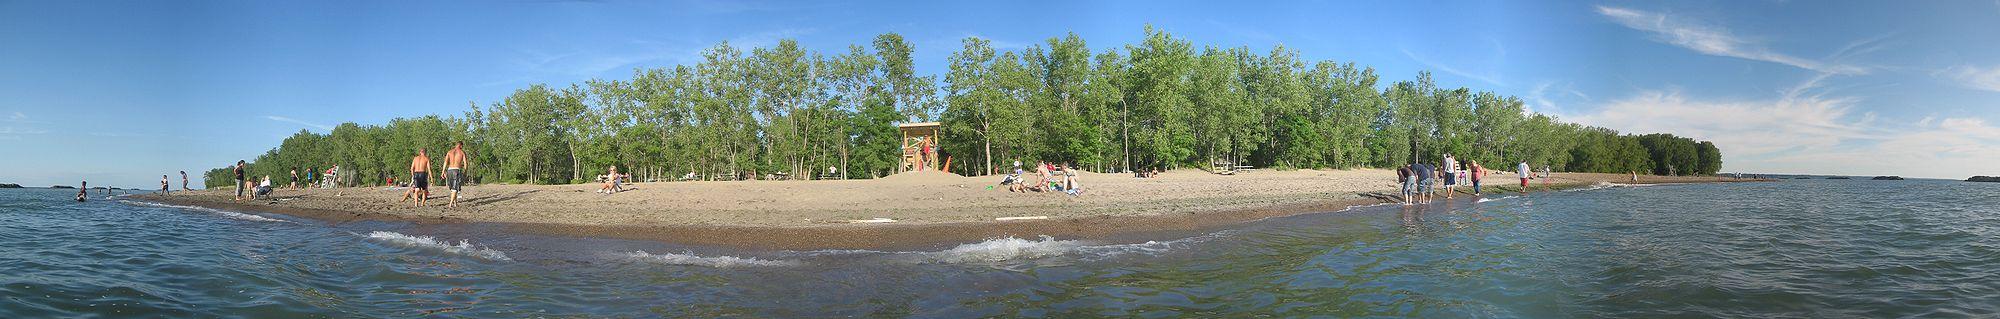 Widok z jeziora Erie na plażę nr 6 w Parku stanowym Presque Isle